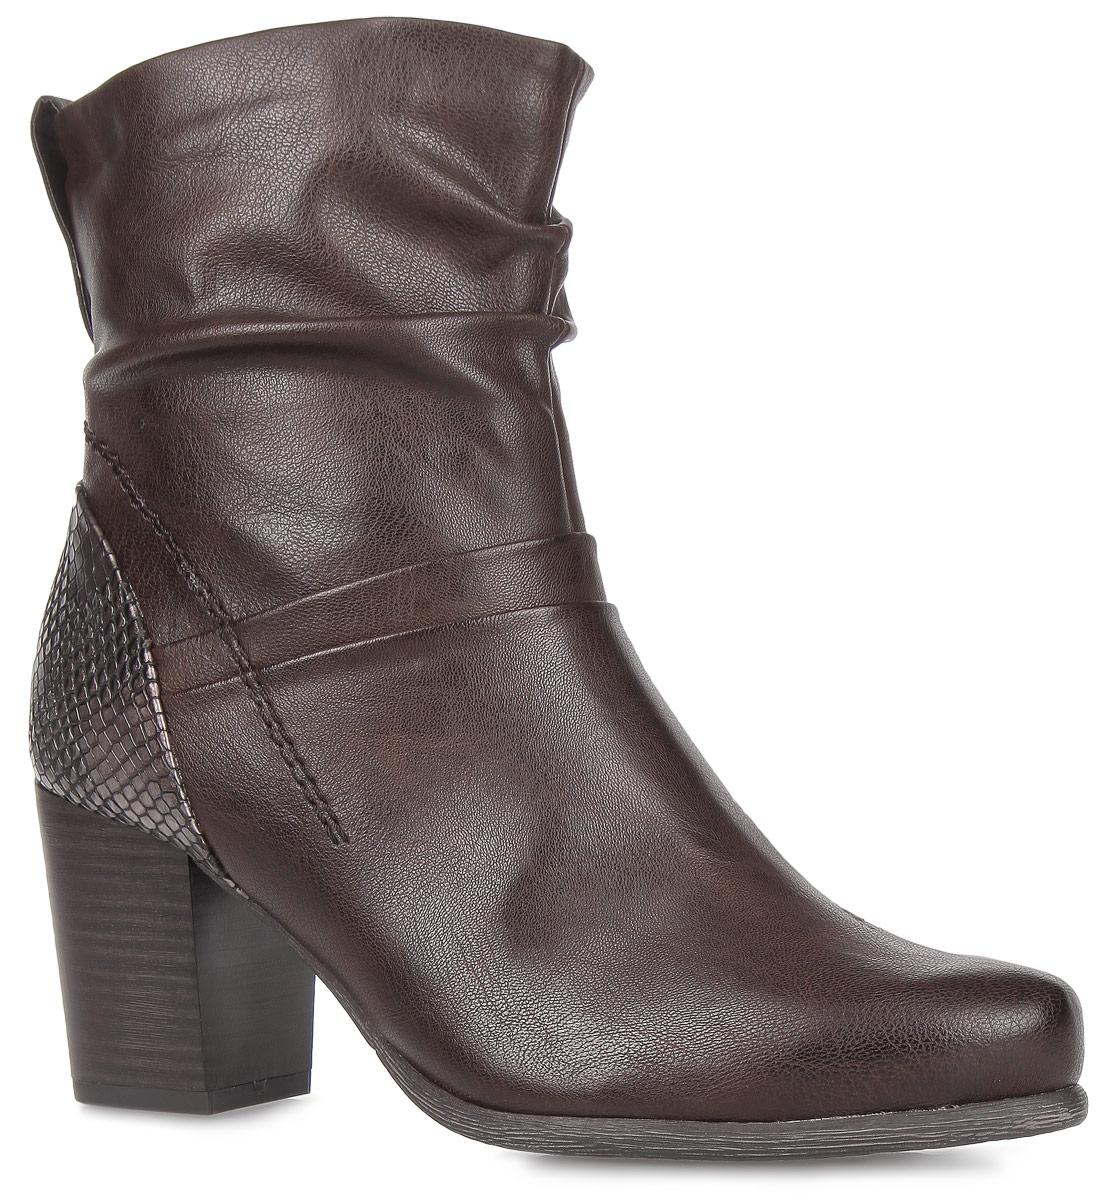 2-2-25387-25-395Модные женские ботинки от Marco Tozzi - идеальный вариант на каждый день. Модель выполнена из искусственной гладкой кожи и декорирована в области задника вставкой с узором, имитирующим змеиную кожу. Подкладка и стелька - из мягкого текстиля, защитят ноги от холода и обеспечат комфорт. Подъем и голенище украшены декоративными складками. К задней части голенища прикреплен ярлычок с металлической кнопкой. Умеренный высоты каблук, стилизованный под дерево, устойчив. Ботинки застегиваются на молнию, расположенную на одной их боковых сторон. Подошва из резины с рельефным протектором обеспечивает отличное сцепление на любой поверхности. В этих ботинках вашим ногам будет комфортно и уютно. Они подчеркнут ваш стиль и индивидуальность.